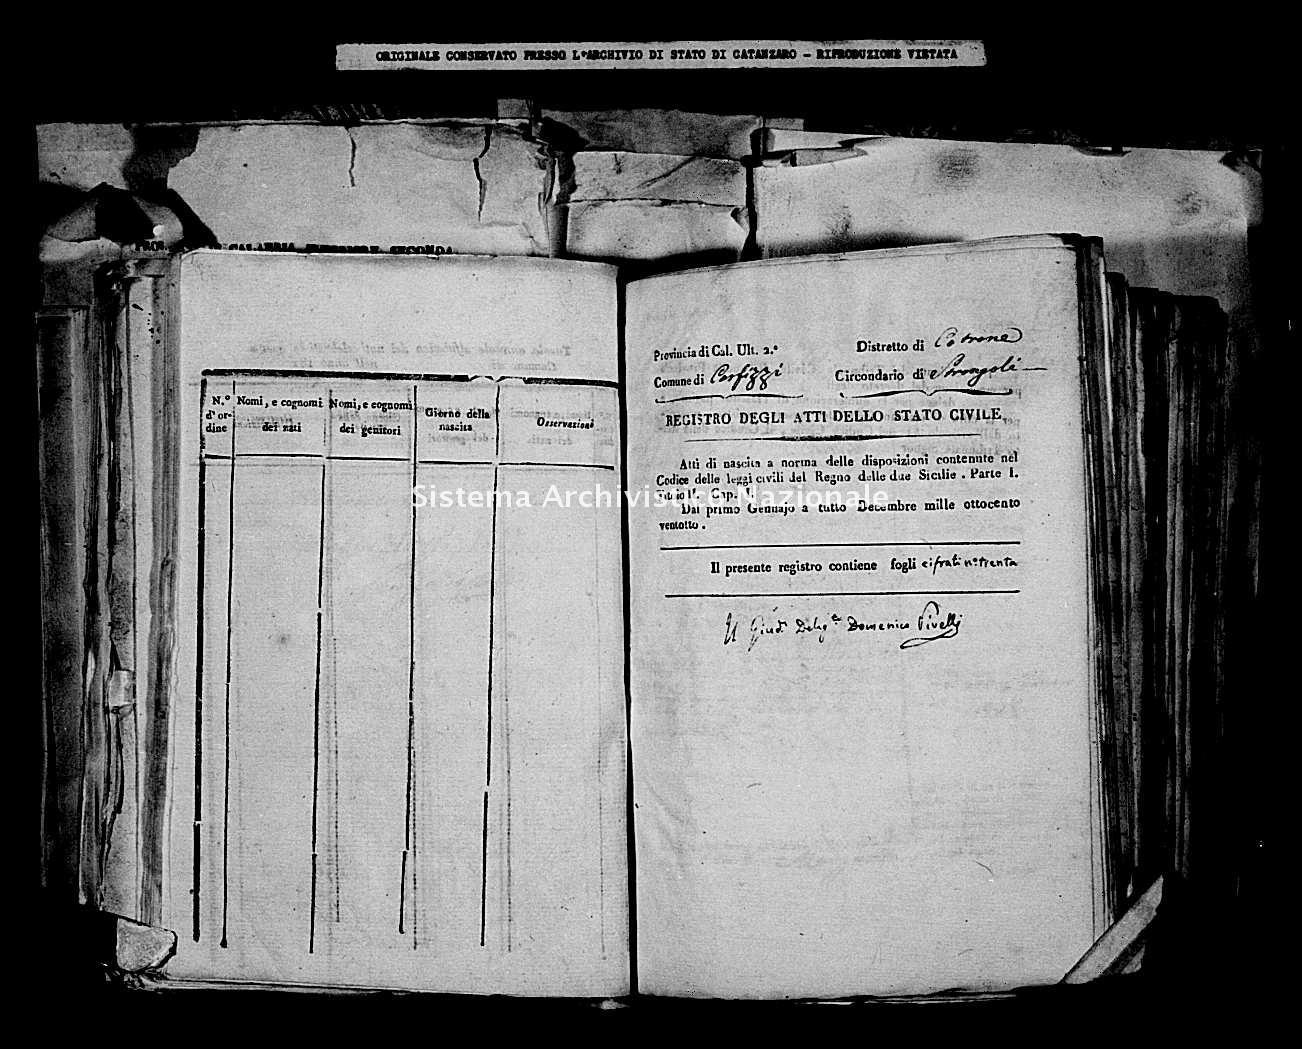 Archivio di stato di Catanzaro - Stato civile della restaurazione - Carfizzi - Nati - 1828 -